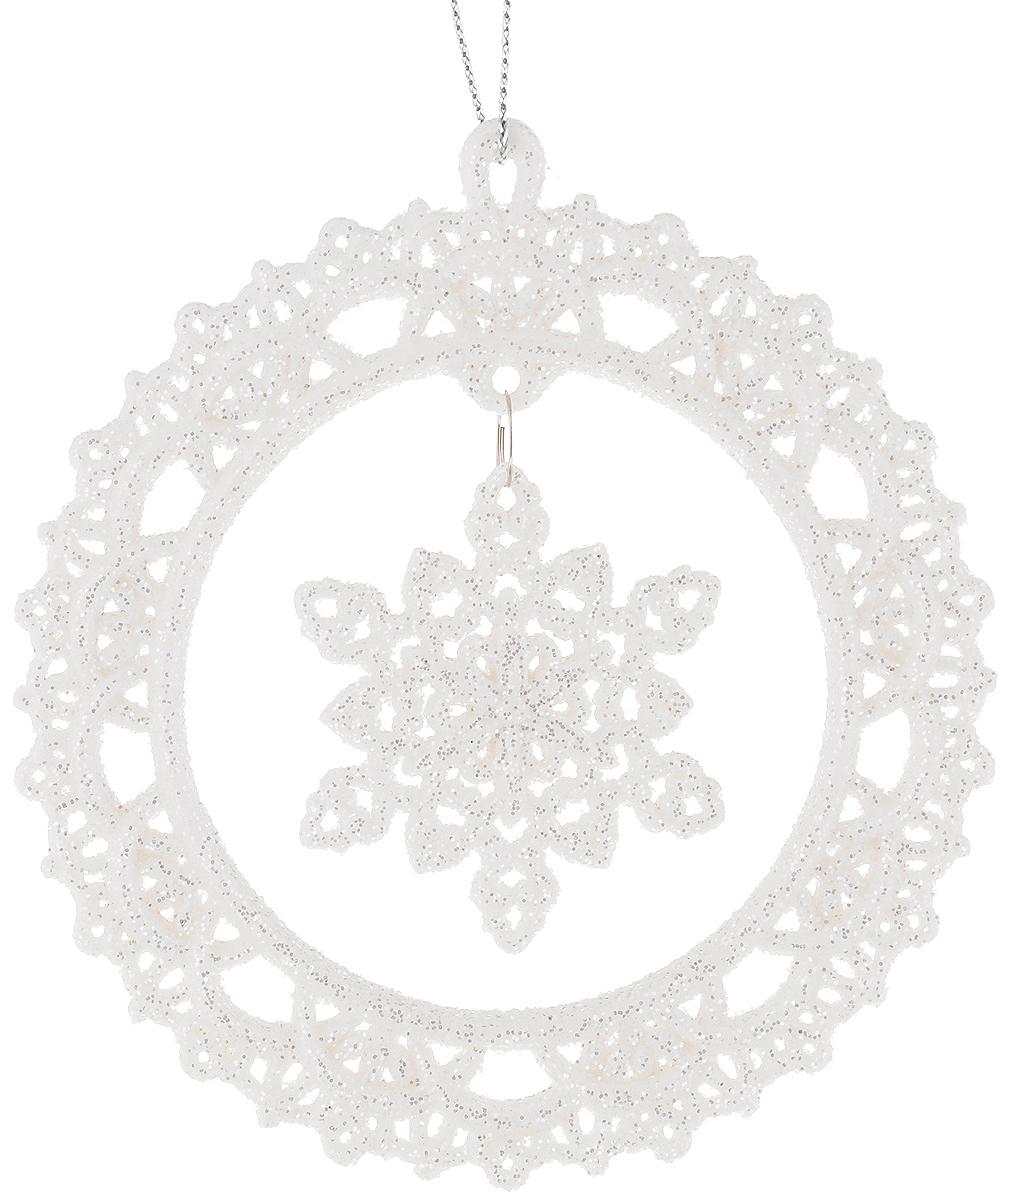 Украшение новогоднее подвесное Magic Time Снежинки в белых кружочках, 10,8 х 10,8 см38574Новогоднее подвесное украшение Magic Time Снежинки в белых кружочках выполнено из пластмассы в виде ажурного круга со снежинкой-подвеской внутри и украшено блестками. С помощью специальной петельки украшение можно повесить в любом понравившемся вам месте. Но, конечно, удачнее всего оно будет смотреться на праздничной елке.Елочная игрушка - символ Нового года. Она несет в себе волшебство и красоту праздника. Создайте в своем доме атмосферу веселья и радости, украшаяновогоднюю елку нарядными игрушками, которые будут из года в год накапливать теплоту воспоминаний.Материал: пластмасса. Размер: 10,8 х 10,8 см.